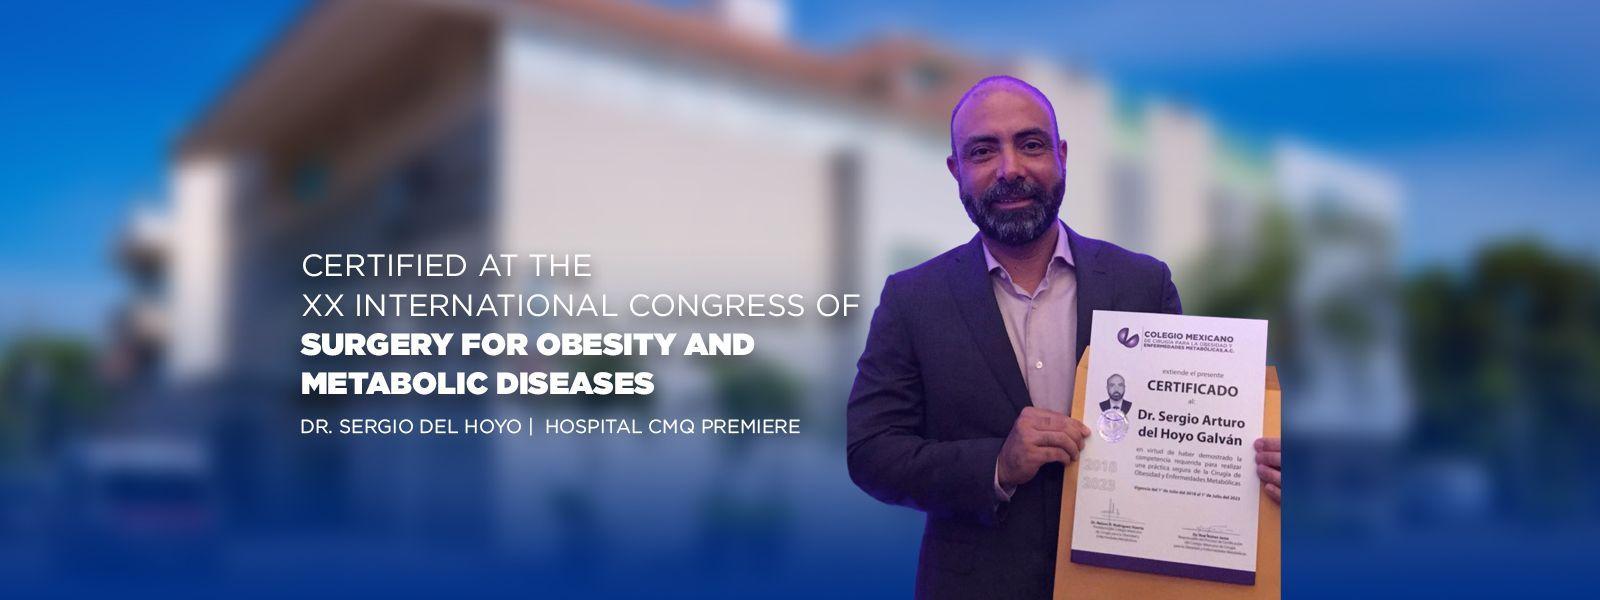 Certificación en el XX Congreso Internacional de Cirugía para la Obesidad y Enfermedades Metabólicas